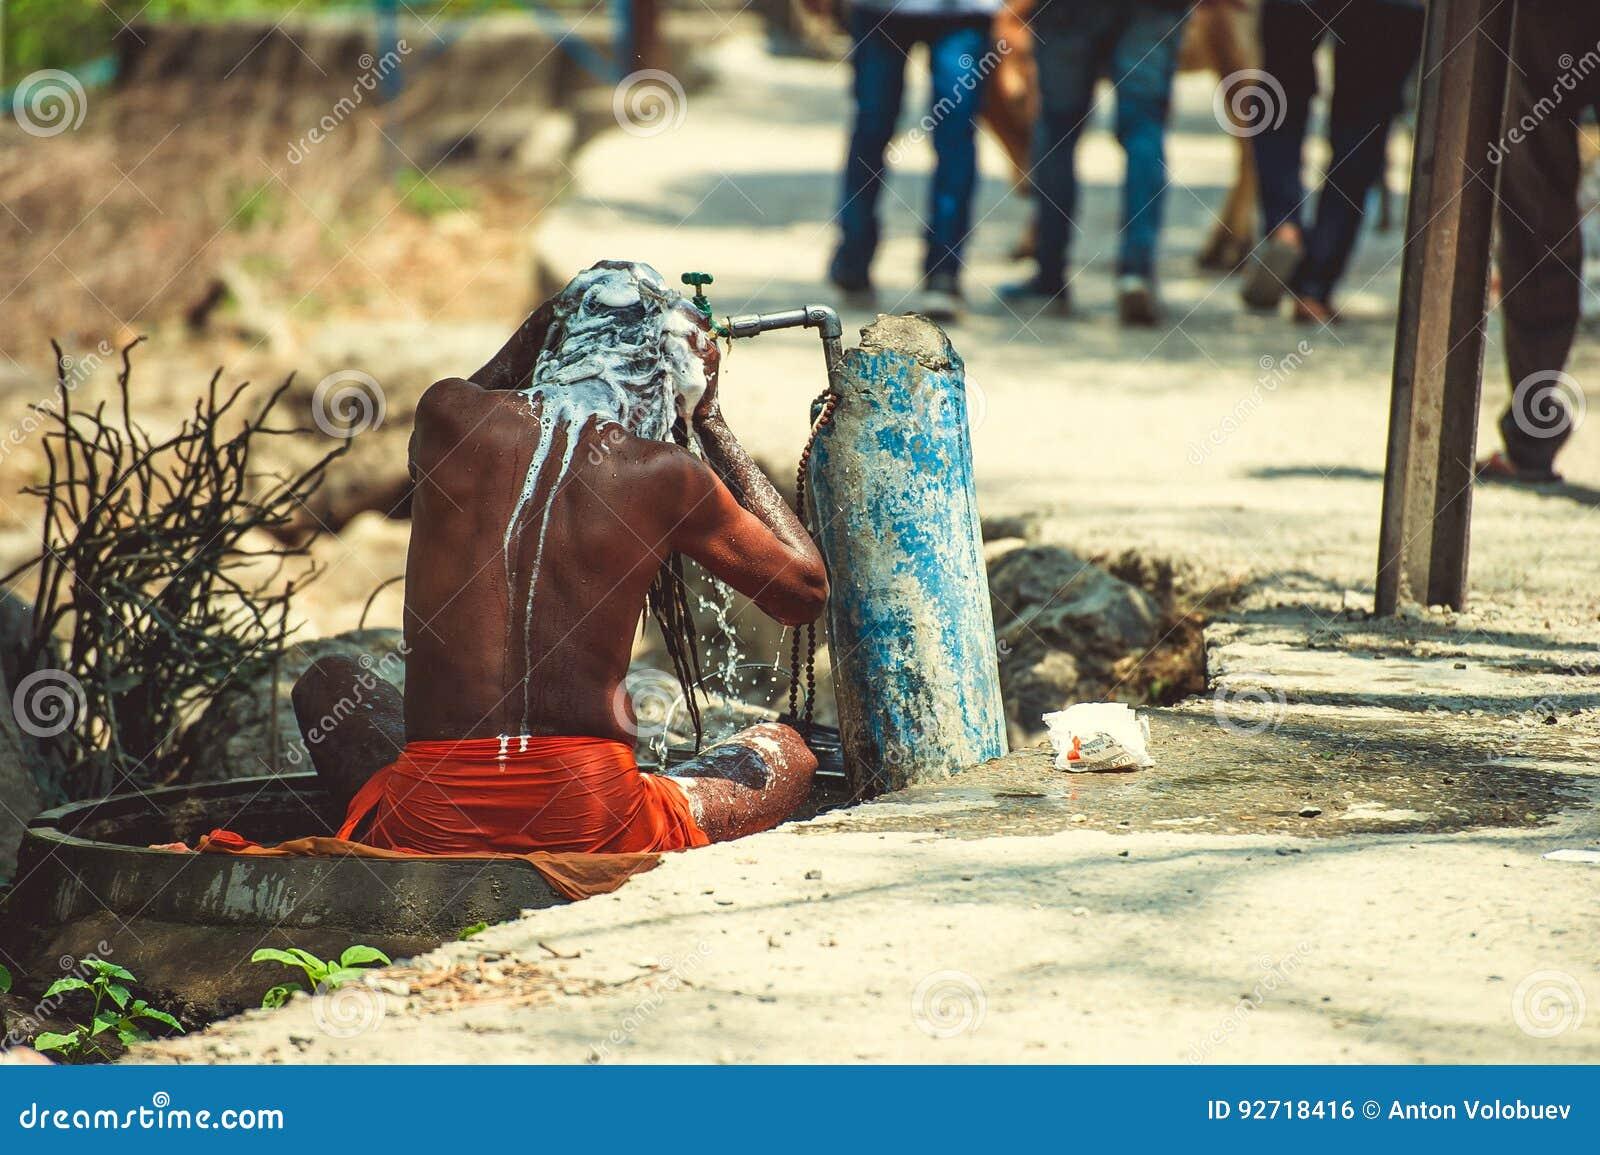 Sadhu wird unter fließendem Wasser nahe der Straße gewaschen